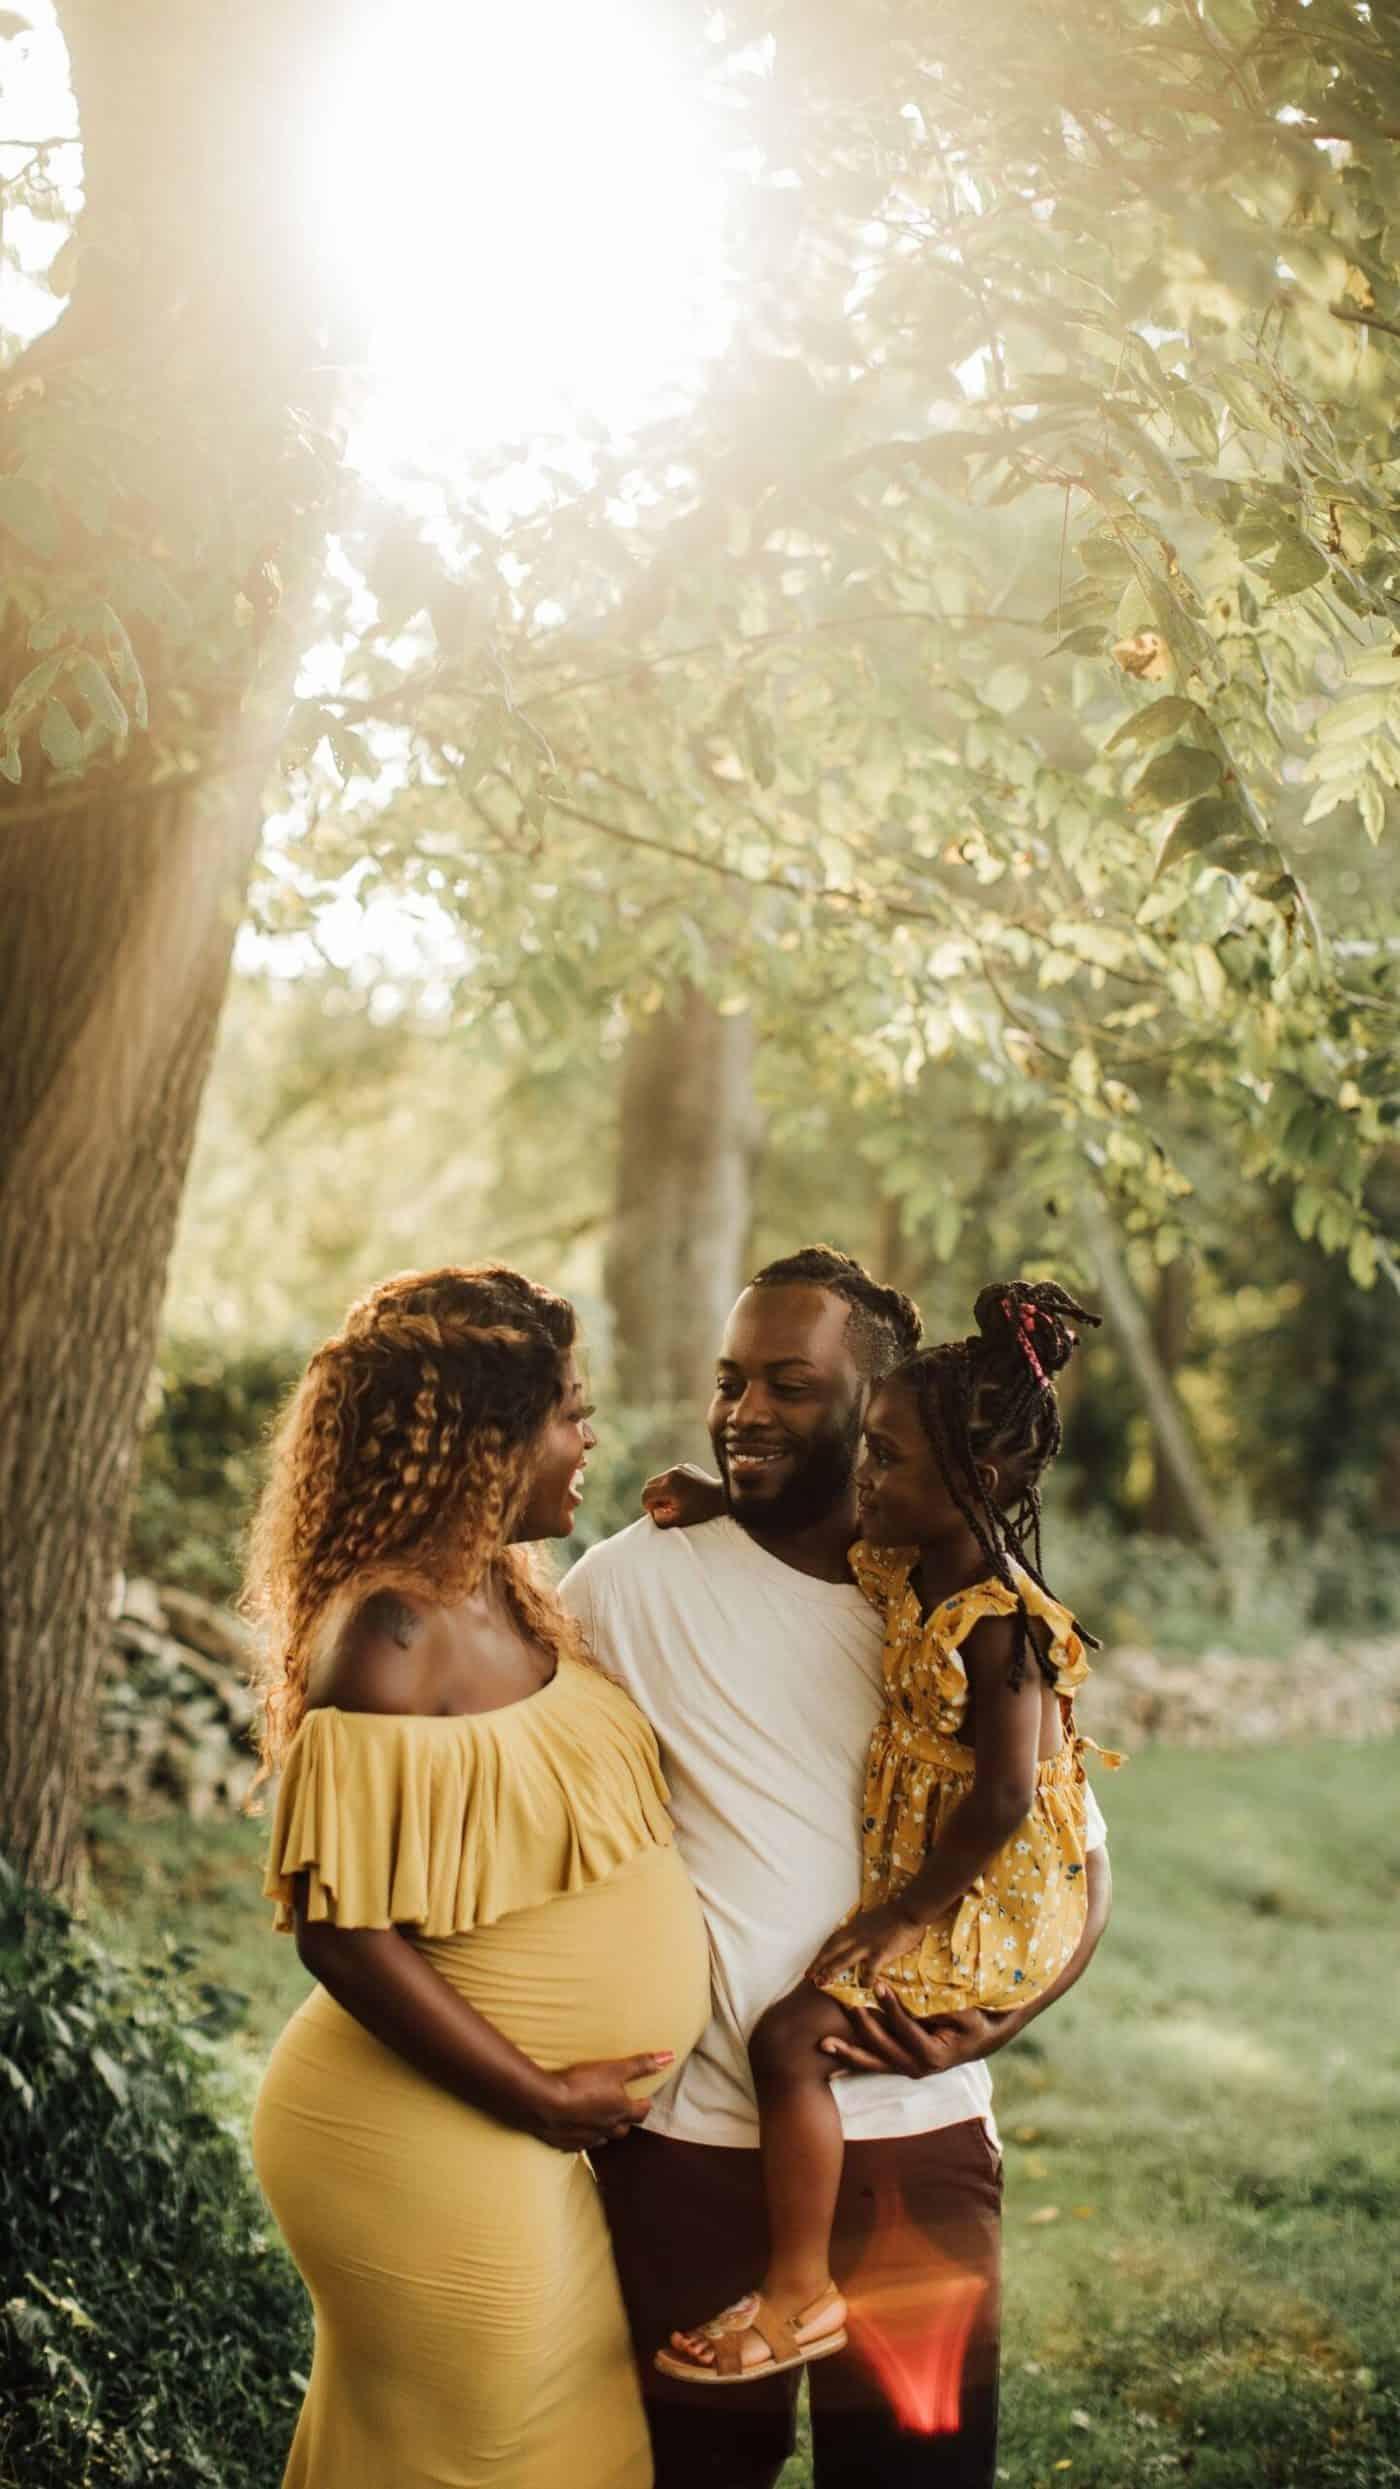 pregnancy photoshoot idea - family